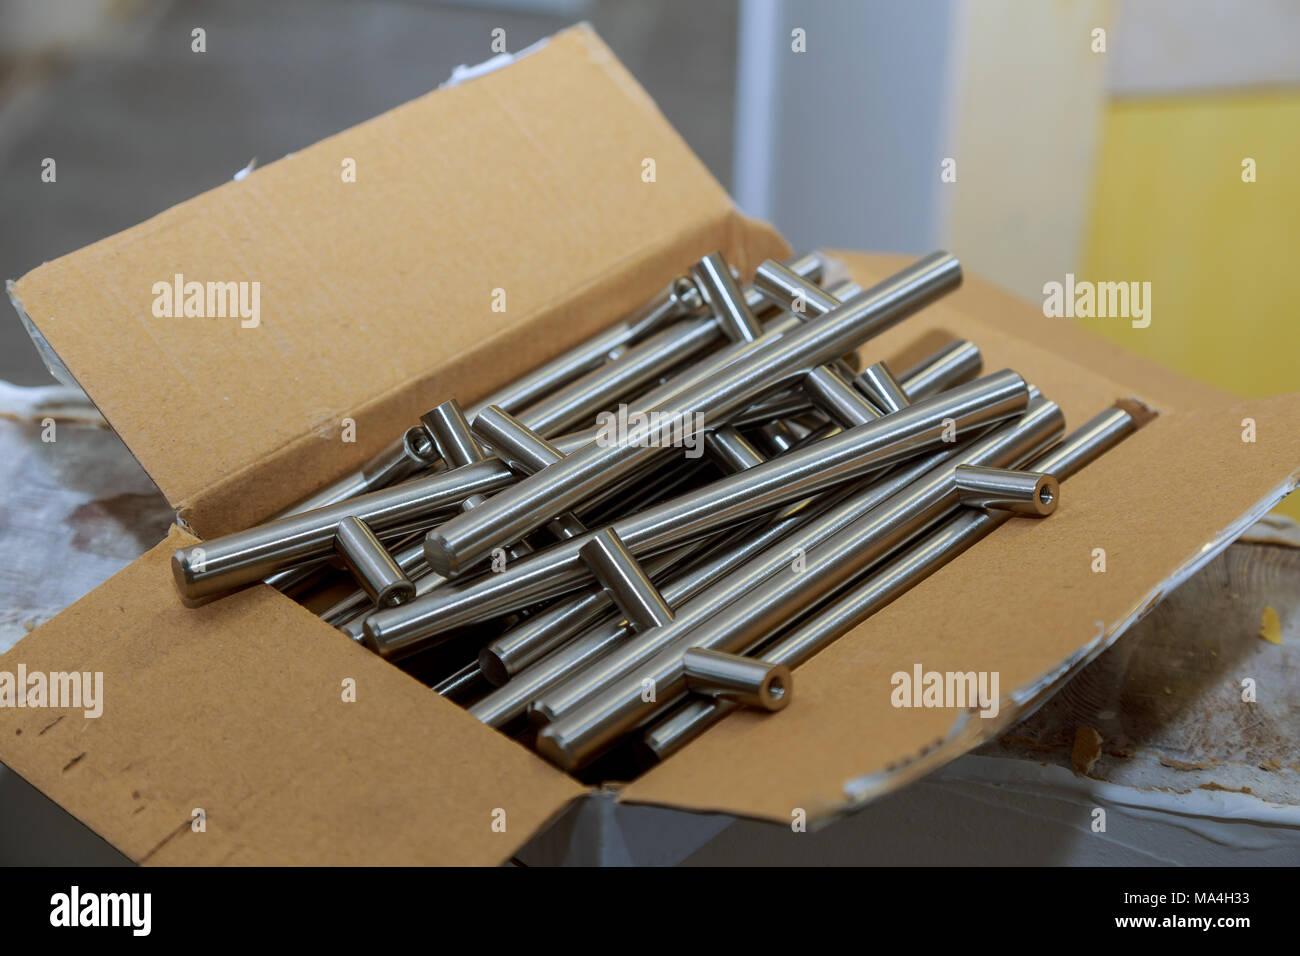 Mobili porta manici e maniglie per mobili da cucina Foto & Immagine ...